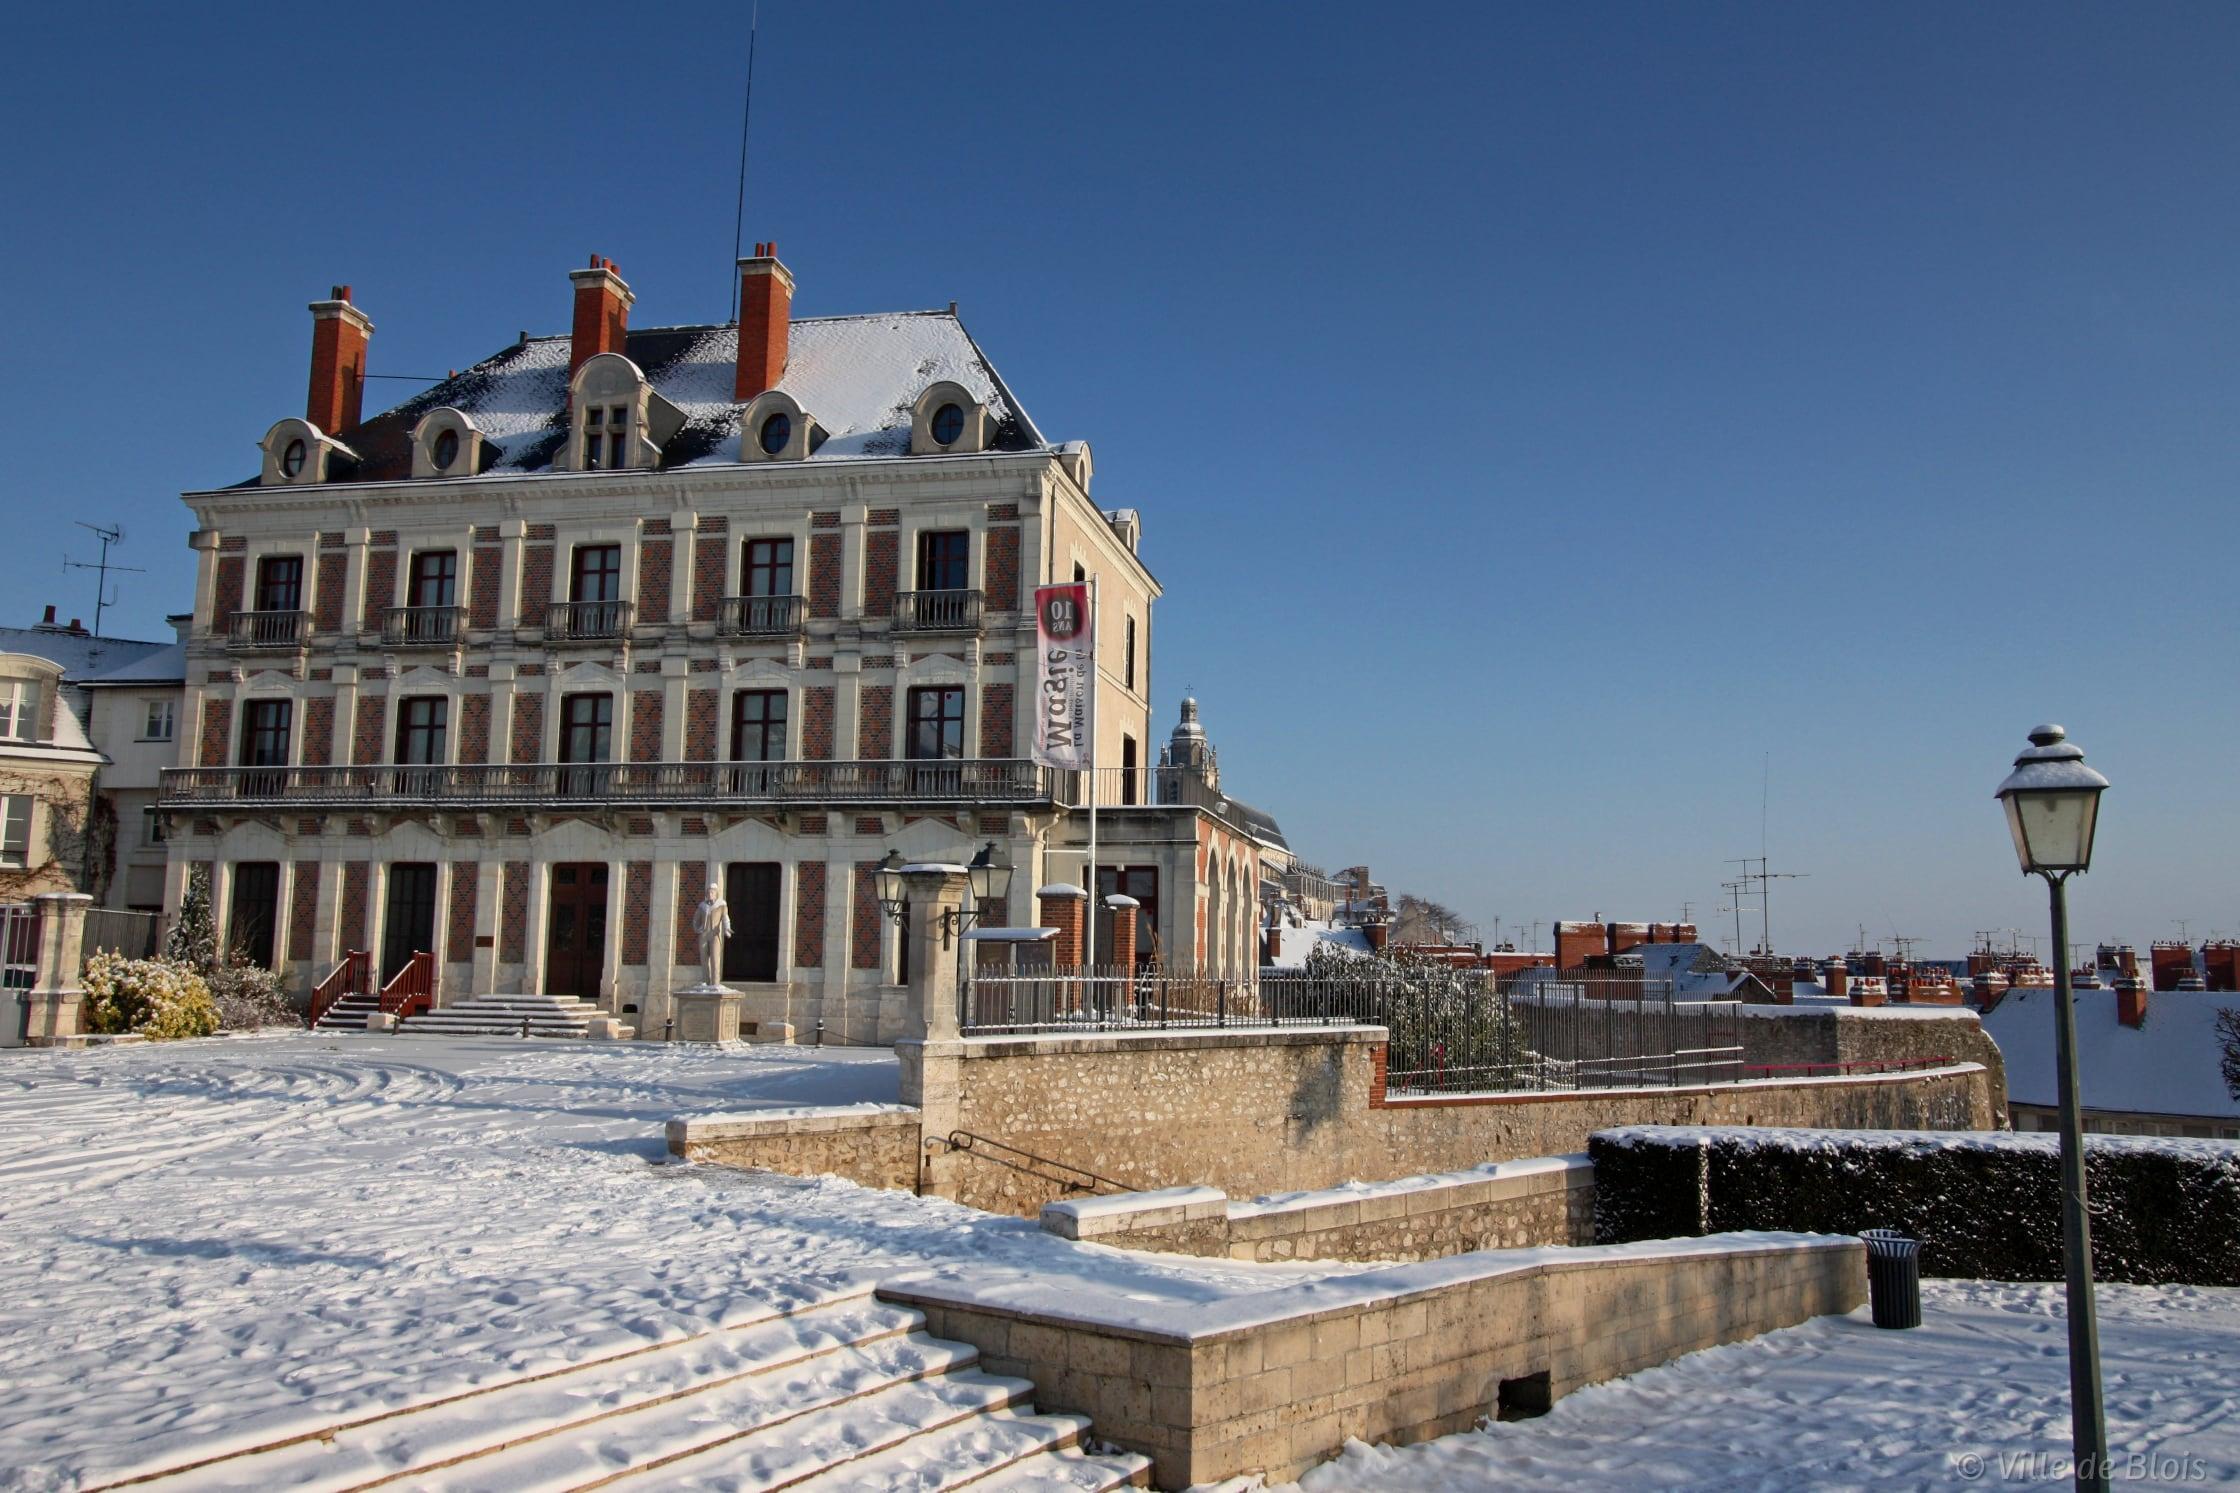 Photo de la façade de la Maison de la magie depuis la place du Château, sous la neige avec un ciel entièrement bleu.